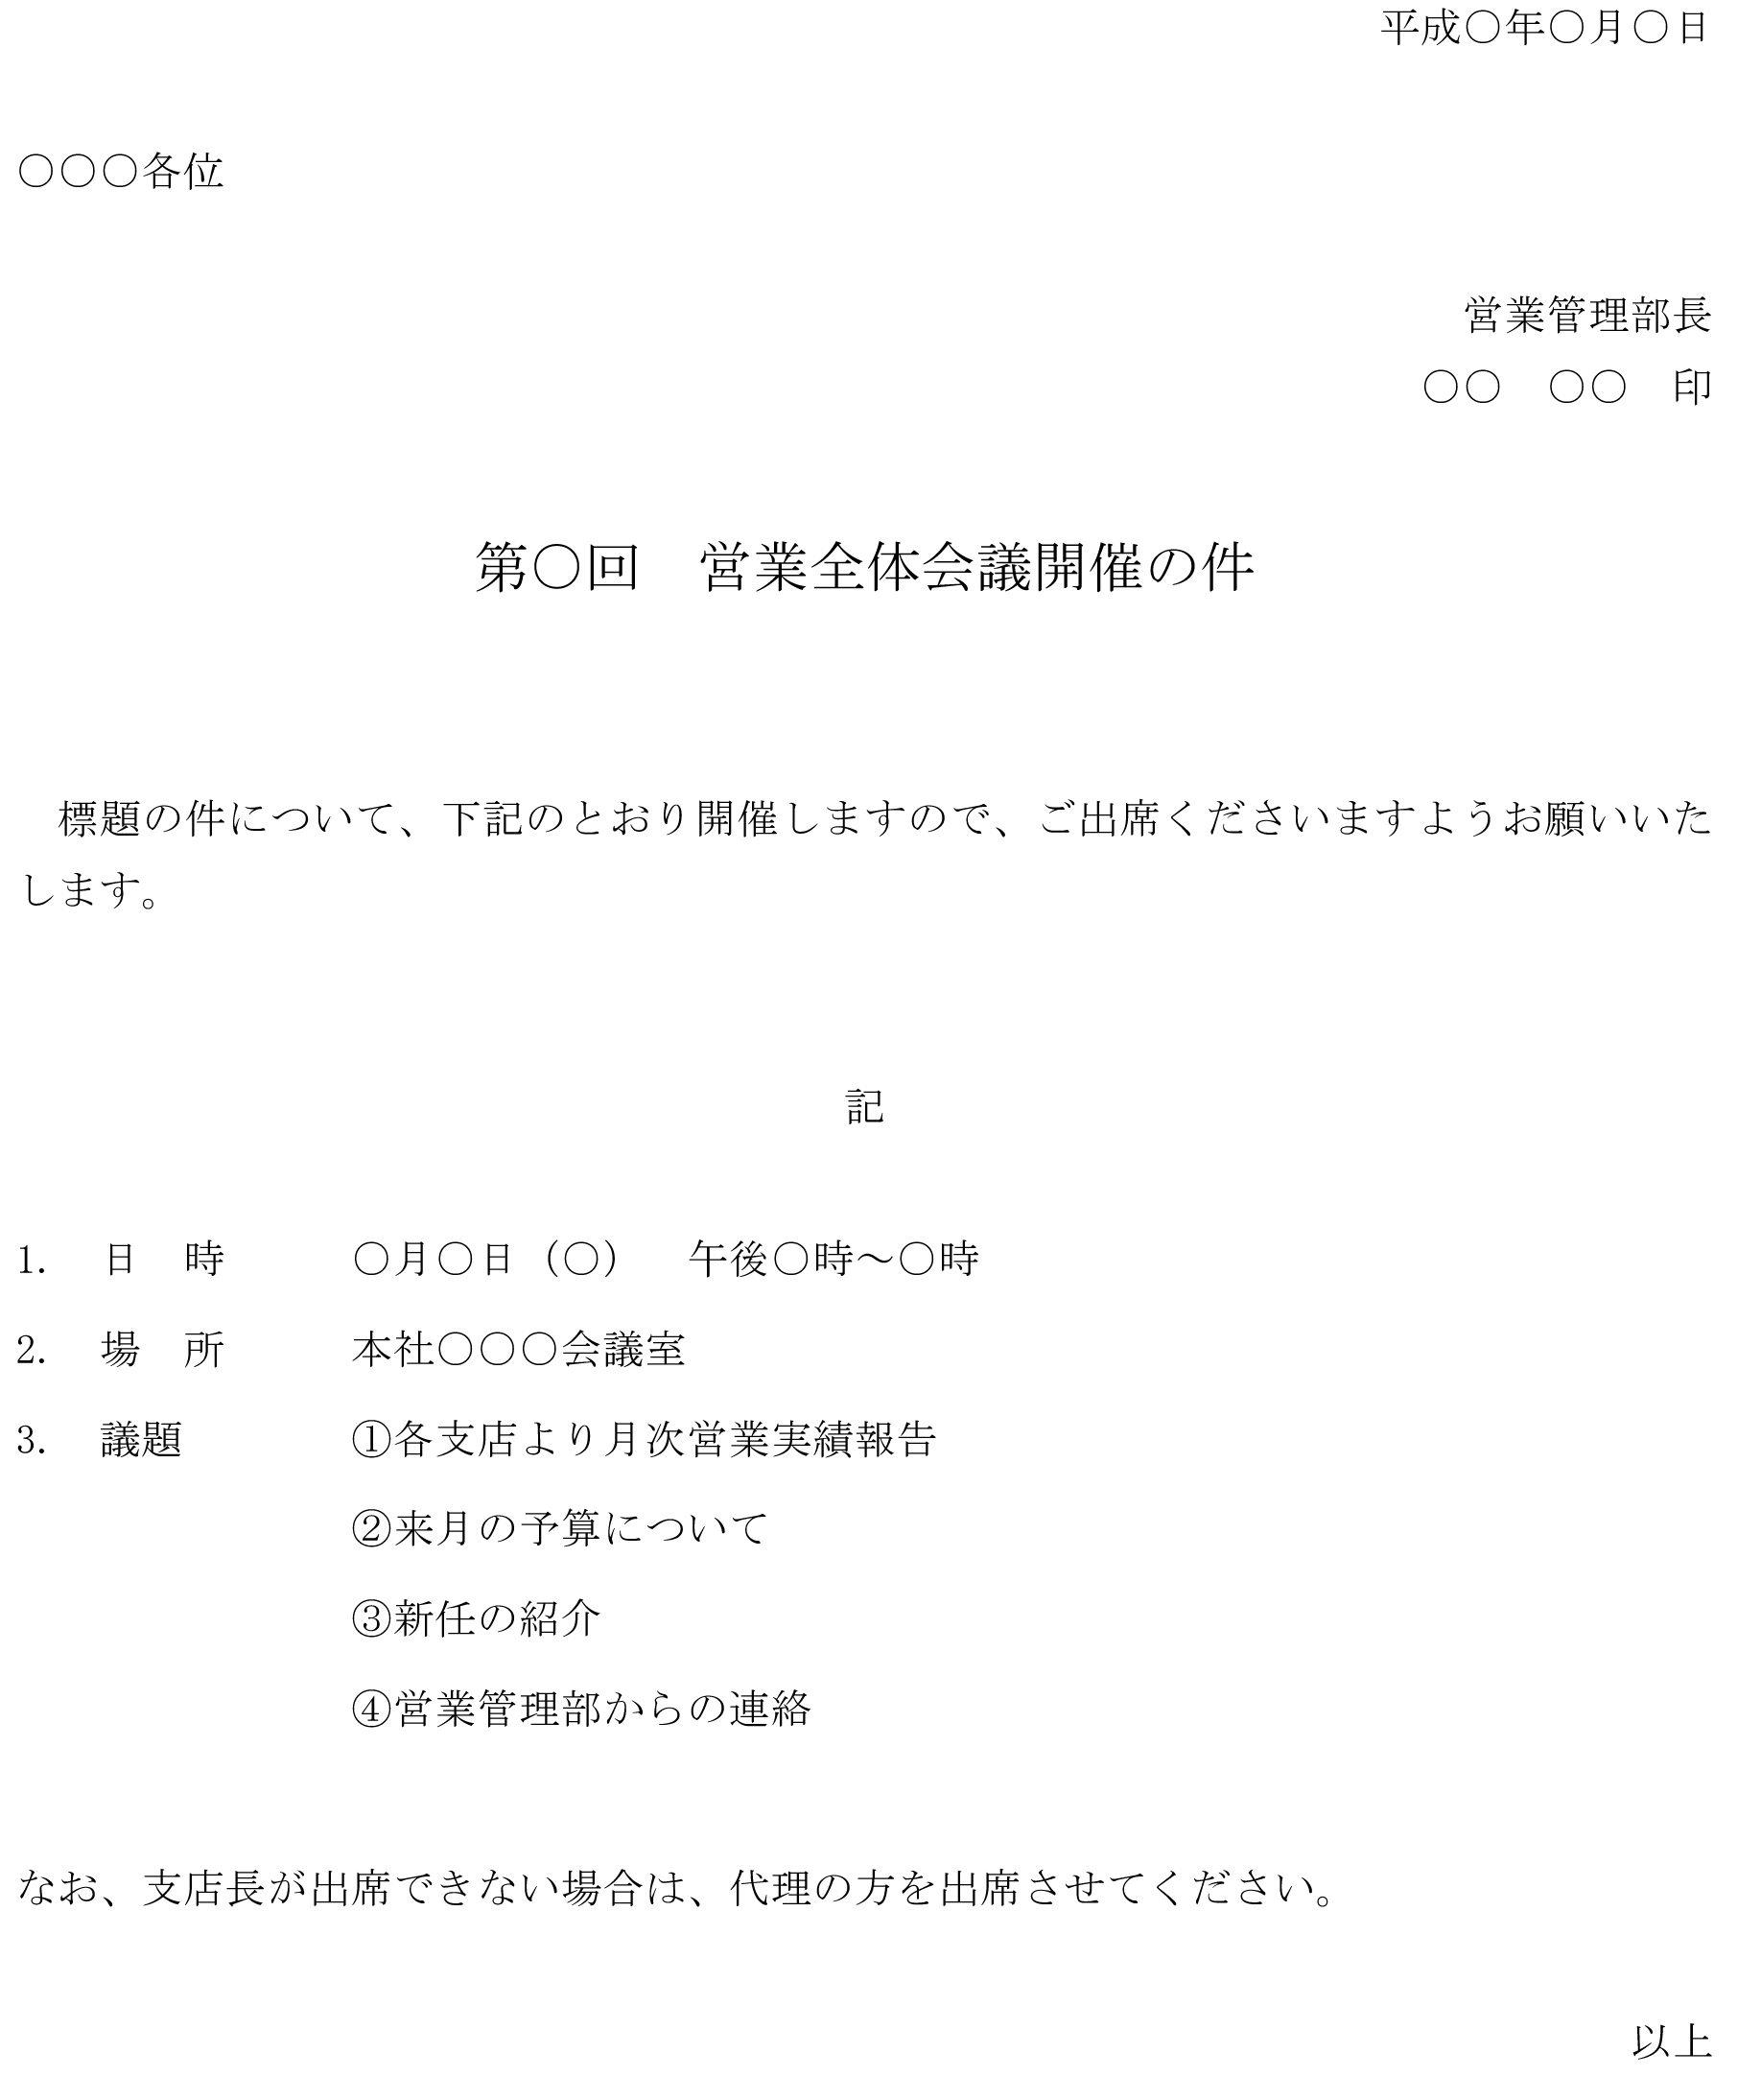 通知(営業全体会議開催)